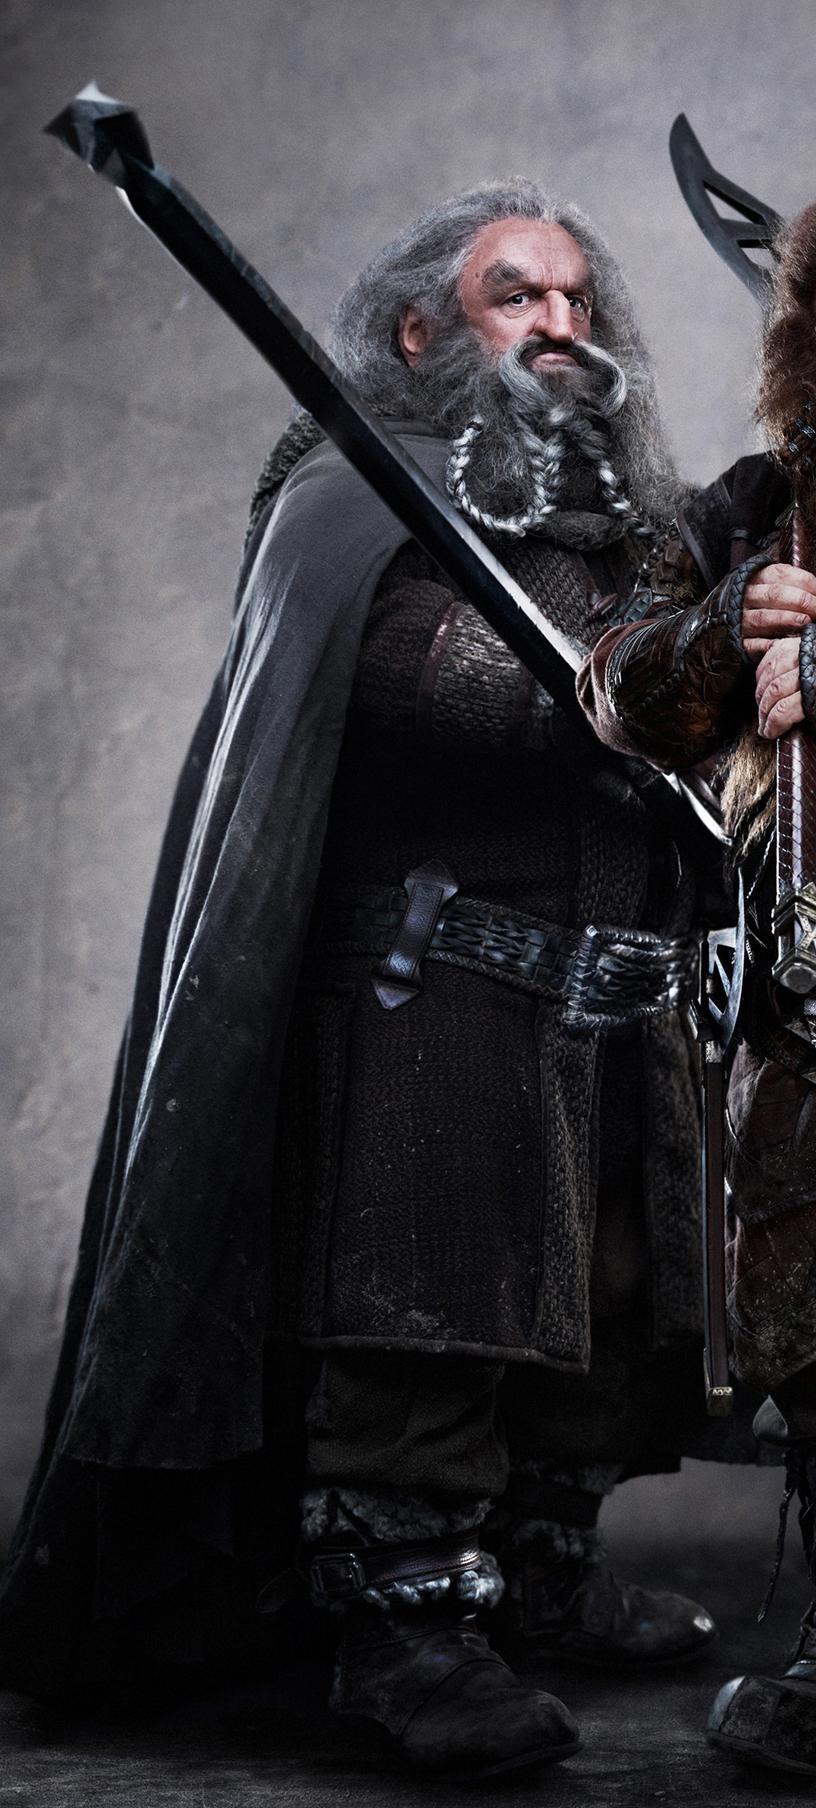 Óin (Sohn von Gróin)